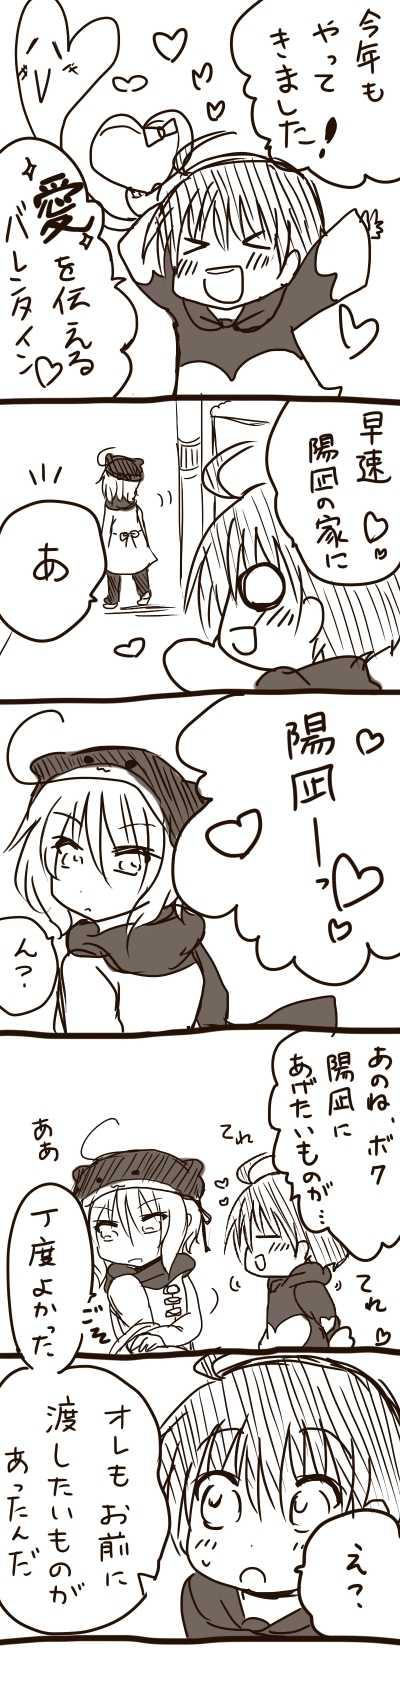 バレンタイン漫画【2016】